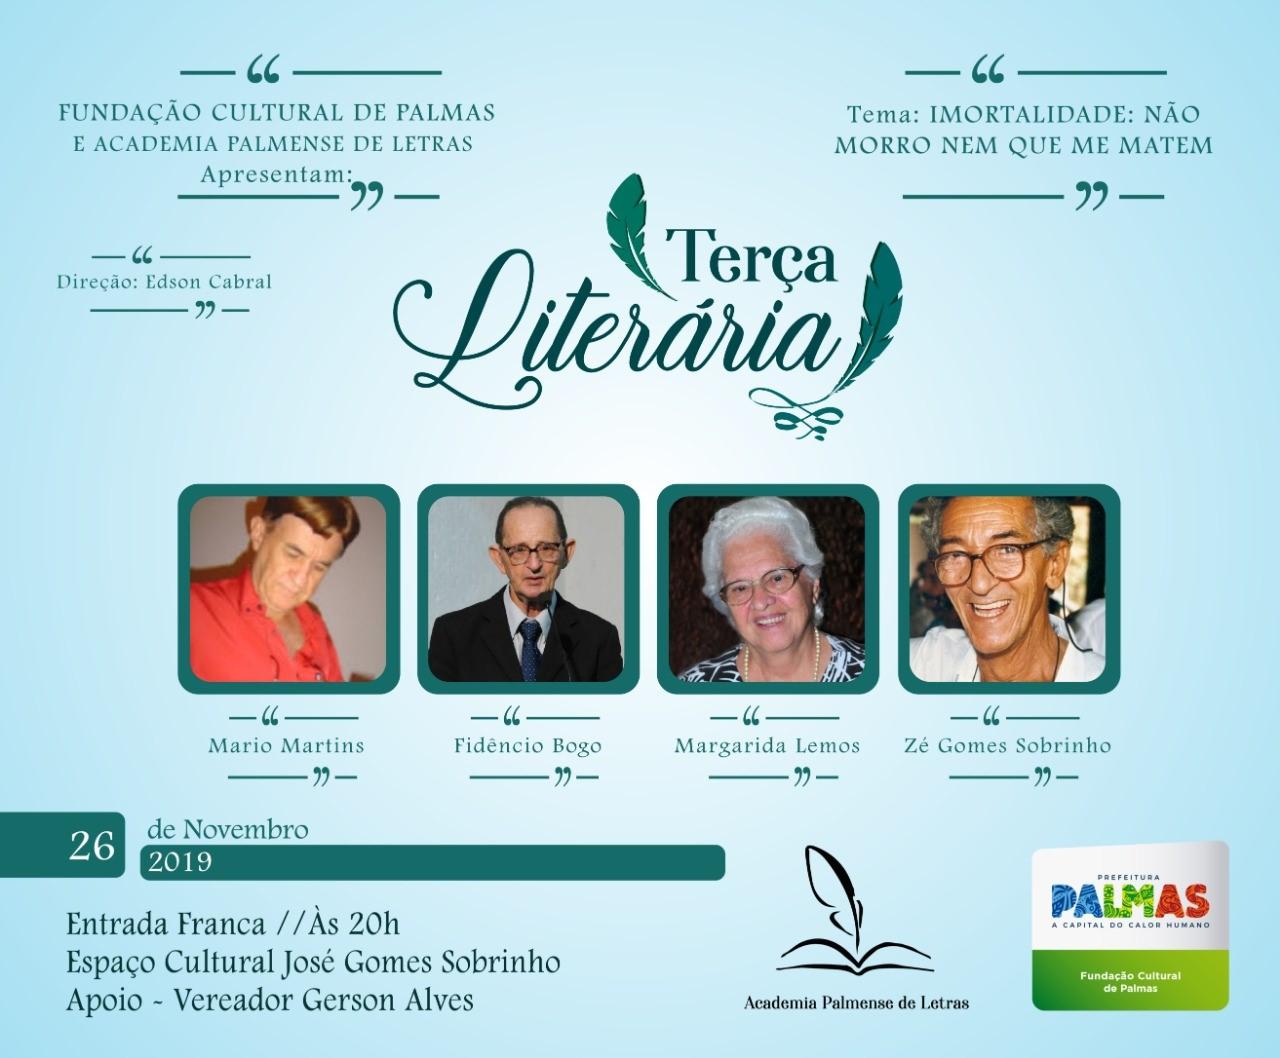 Terça Literária apresenta 'Imortalidade: não morro nem que me matem', com homenagem a José Gomes, Margarida Lemos, Mário Martins e Fidêncio Bogo